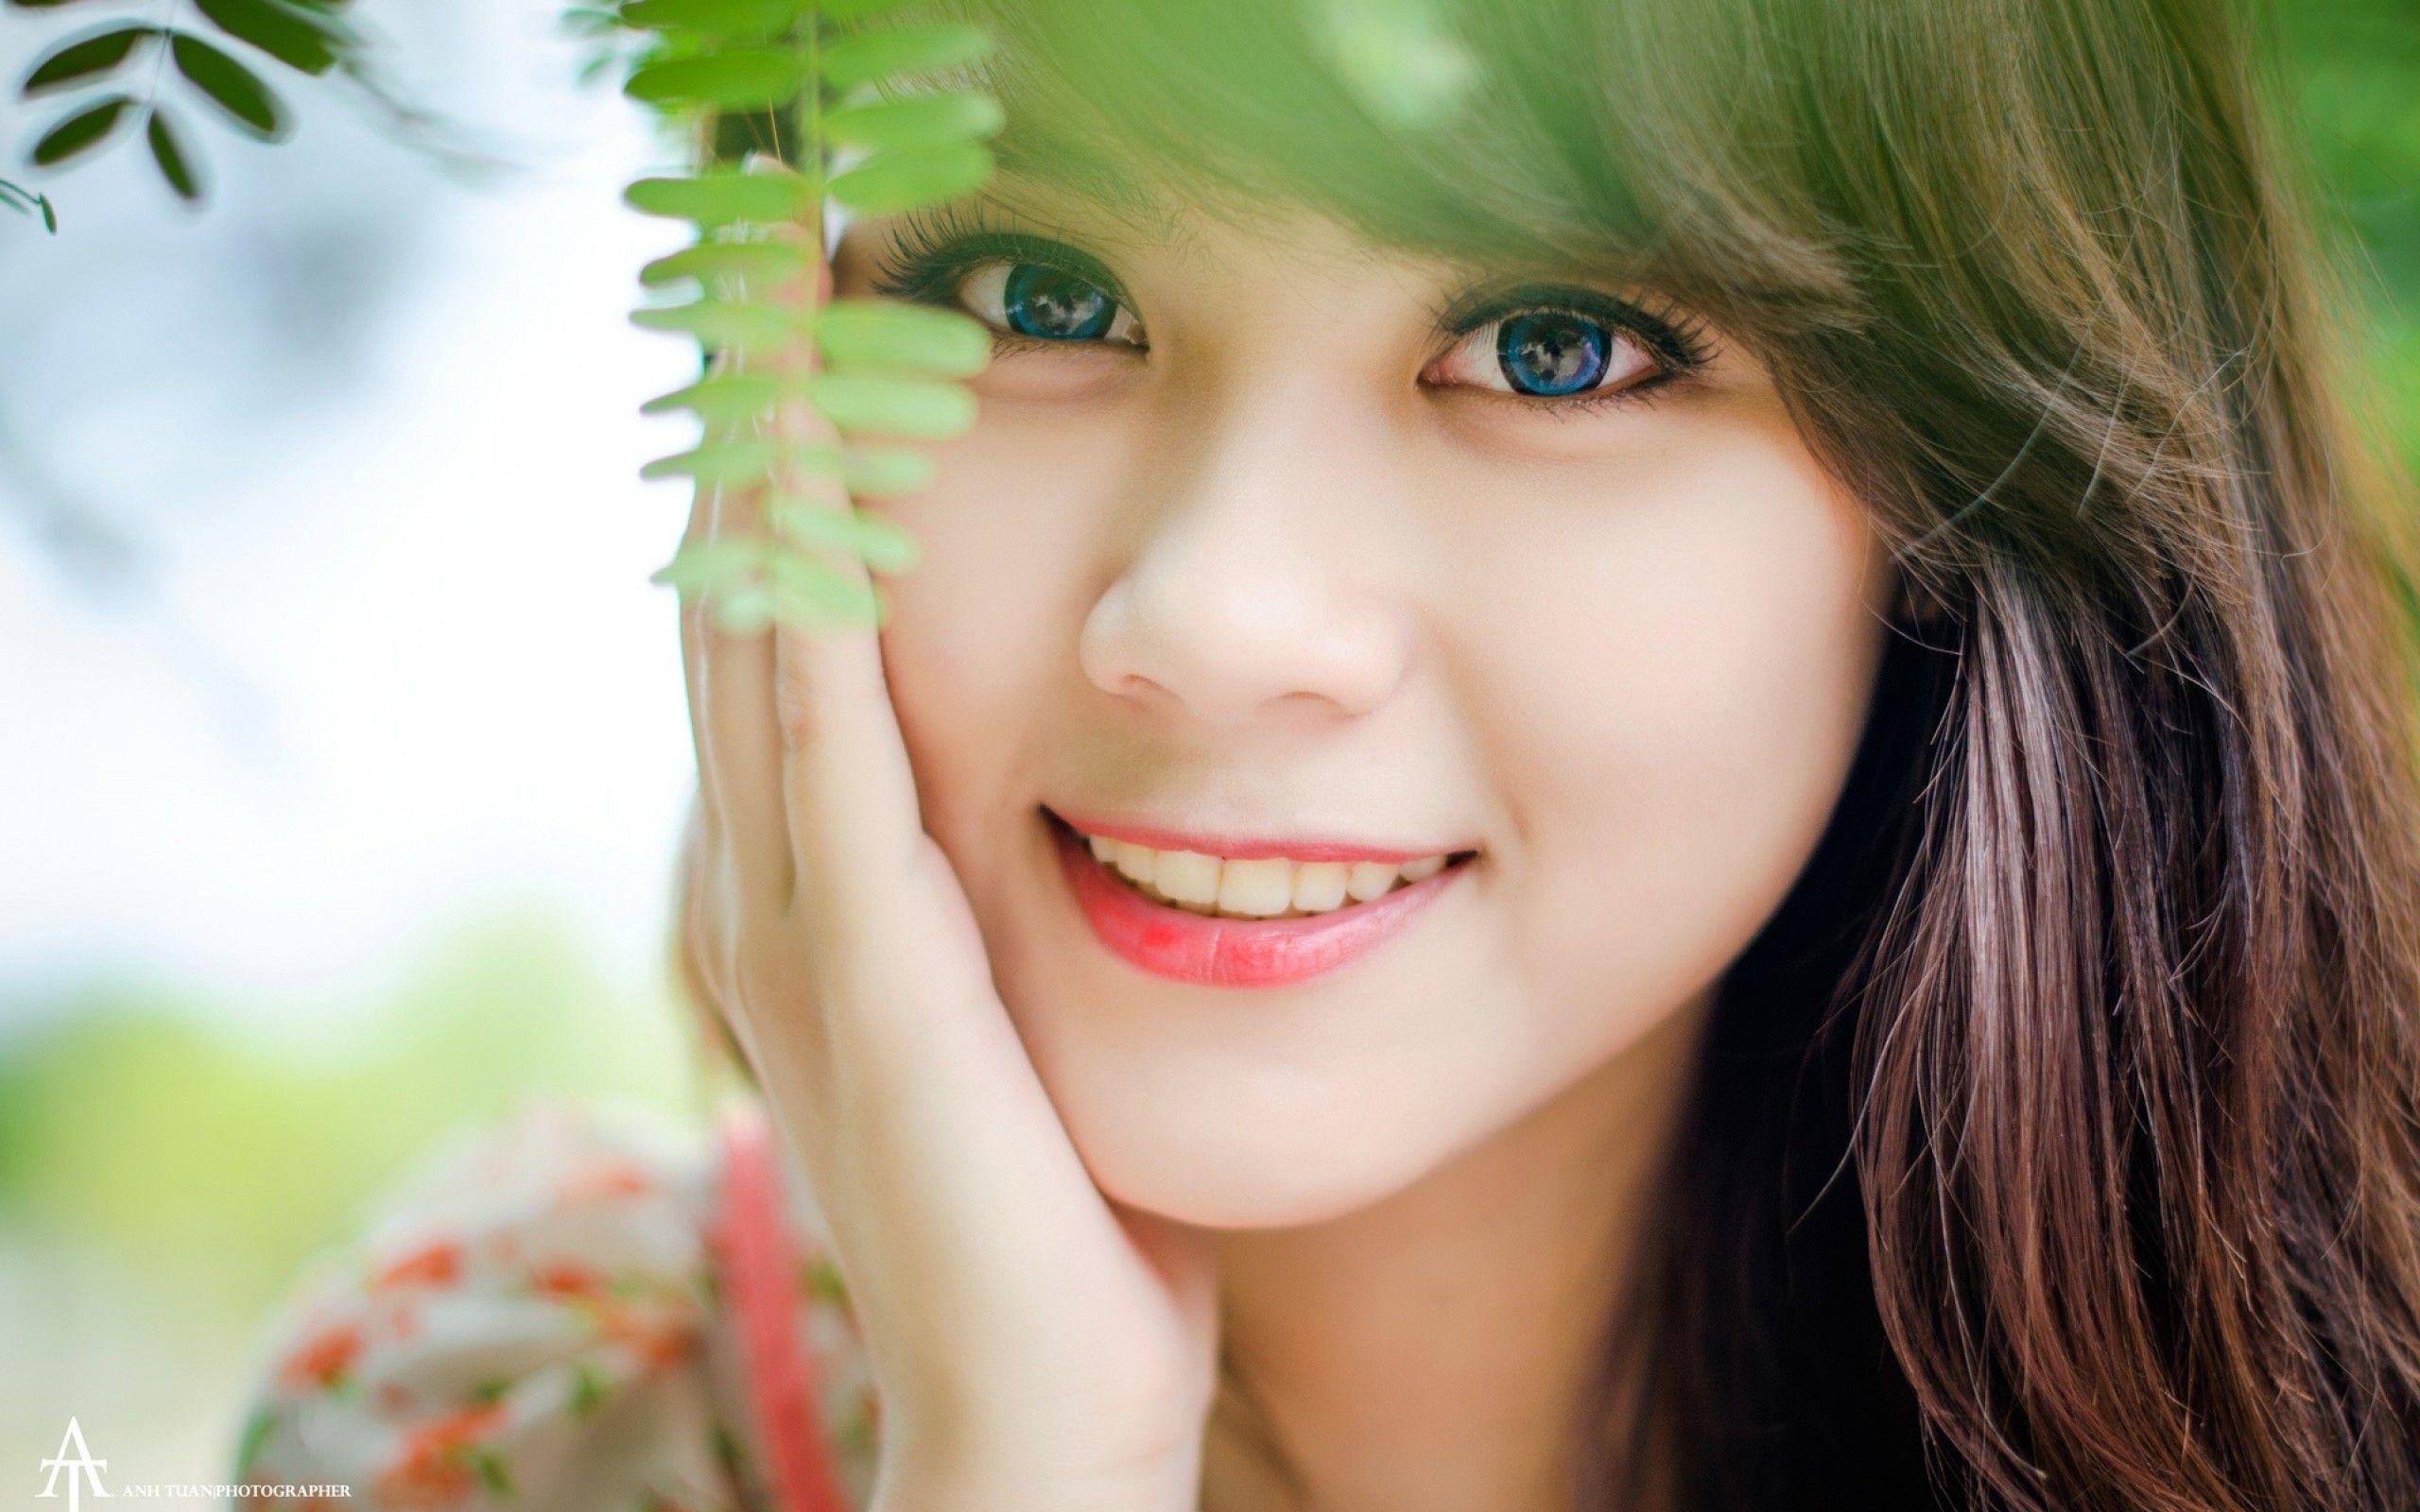 بالصور صور بنت جميلة , اجمل بنات قد تراها عينك 5005 3